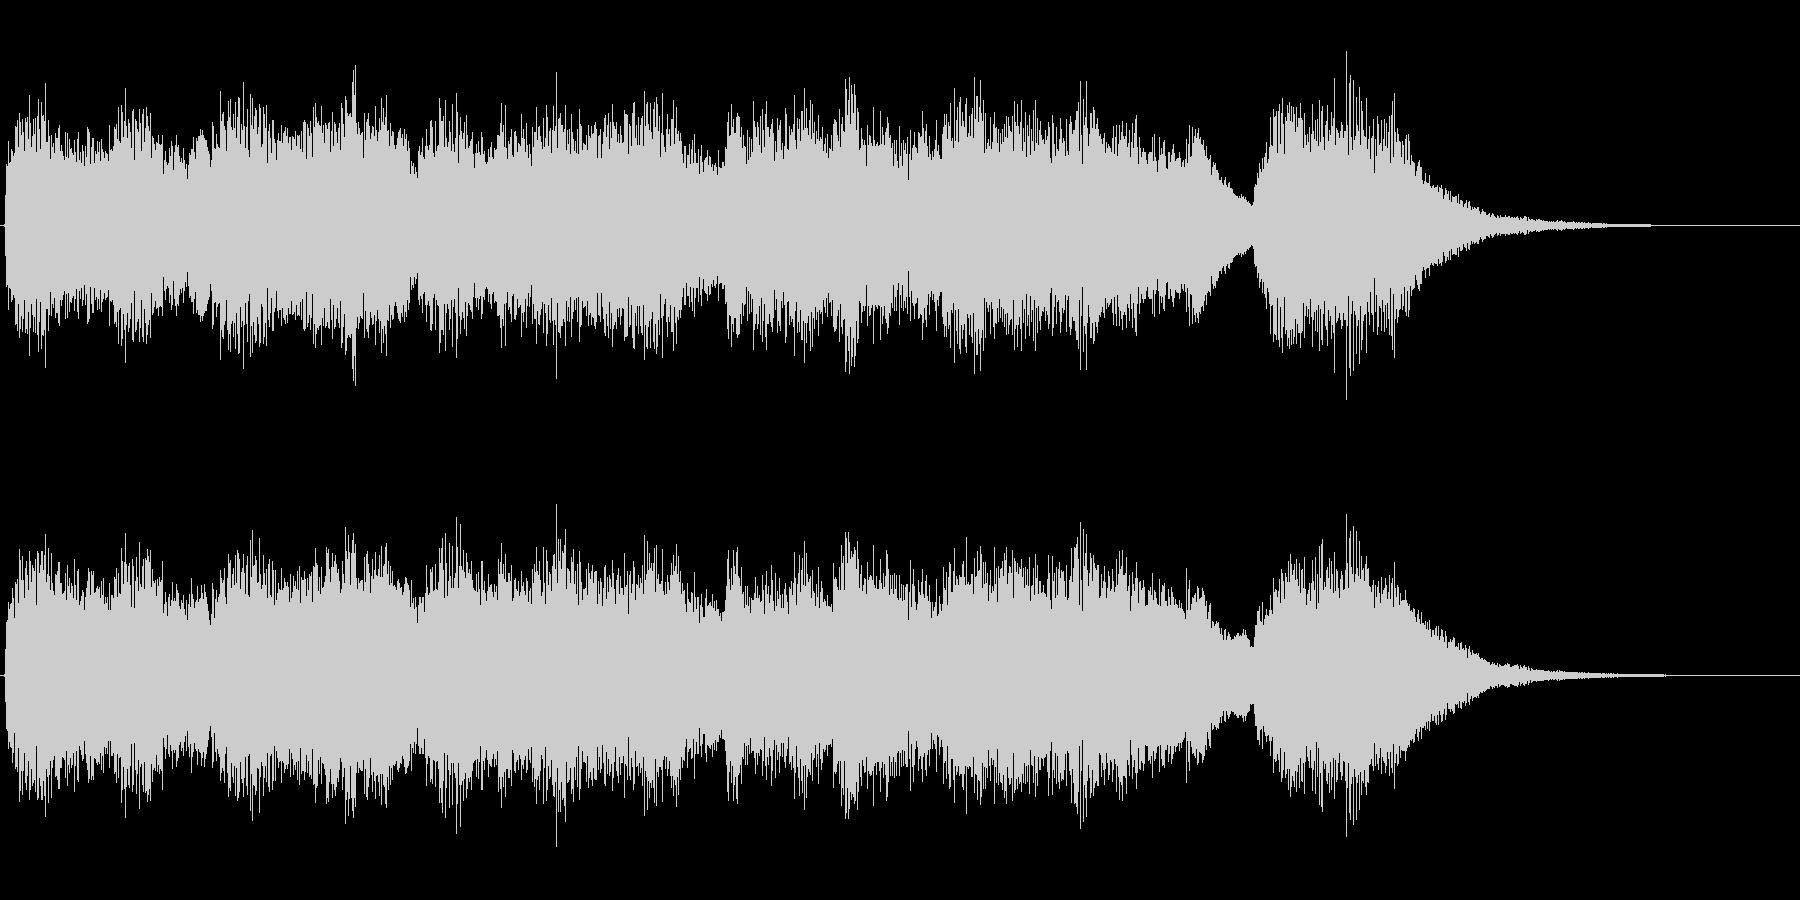 チェンバロ(ハープシコード)のジングルの未再生の波形